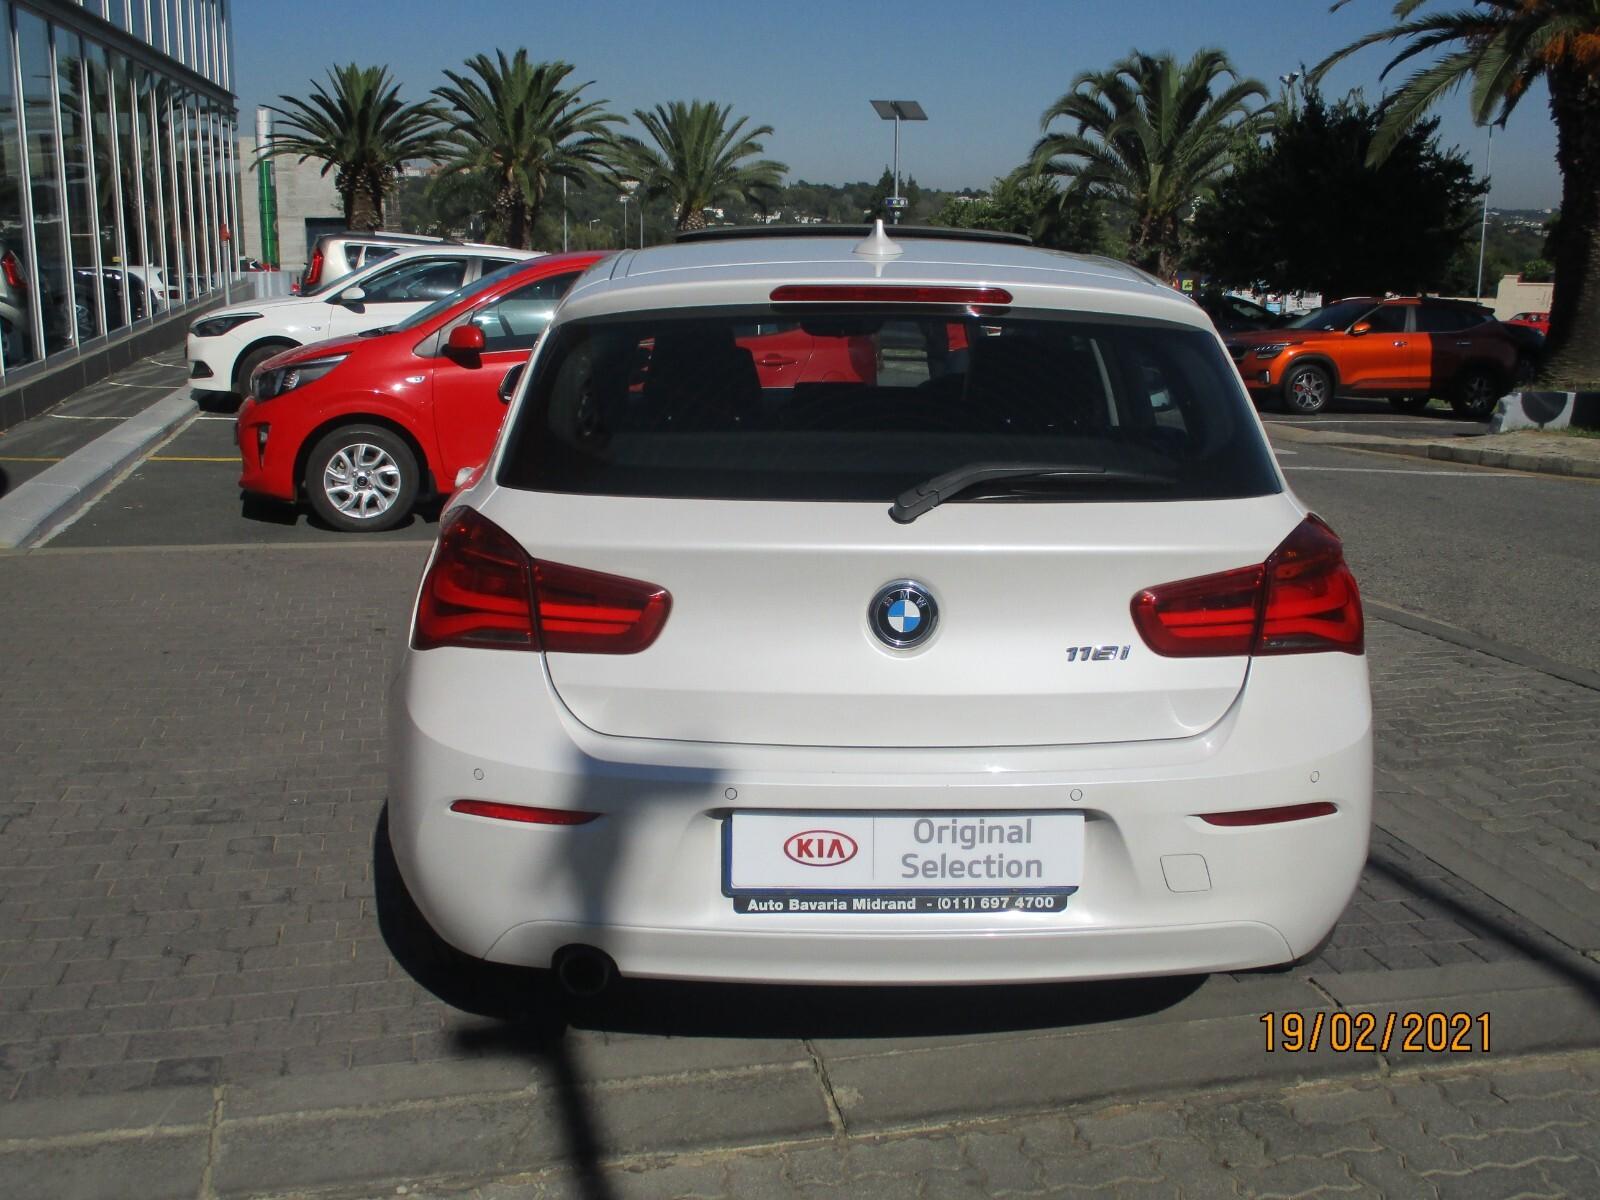 BMW 118i 5DR A/T (F20) Sandton 5328508